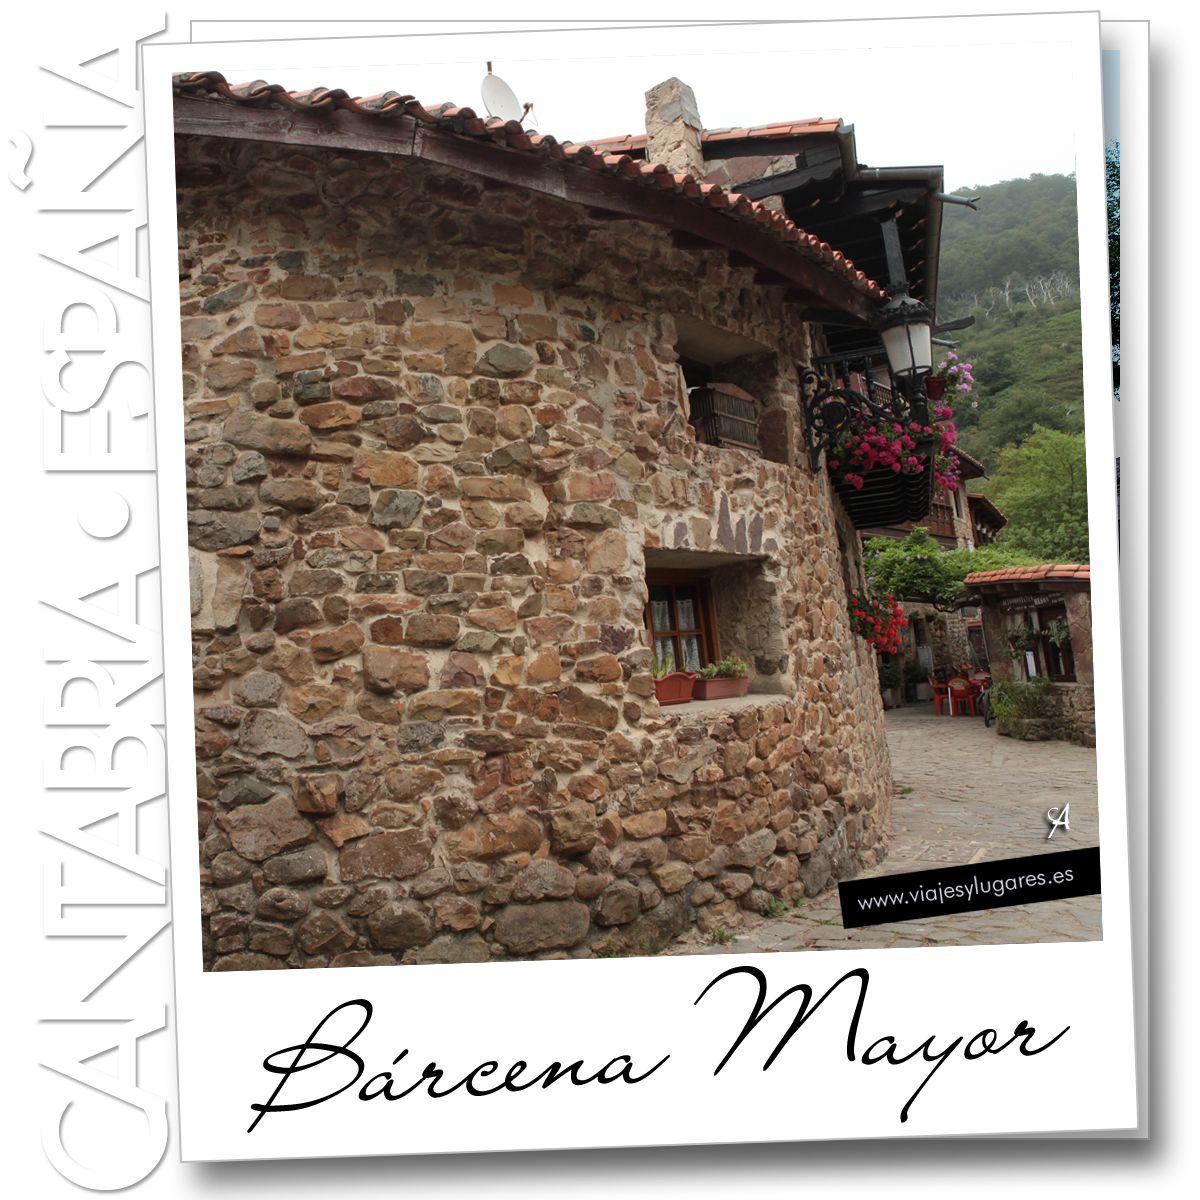 """Bárcena Mayor es un pequeño """"Pueblo con Encanto"""" de Cantabria con menos de un centenar de personas. Está a la vera del río Argonza y es un pueblo medieval de casas de arquitectura montañesa, piedra, madera, balconadas y flores."""